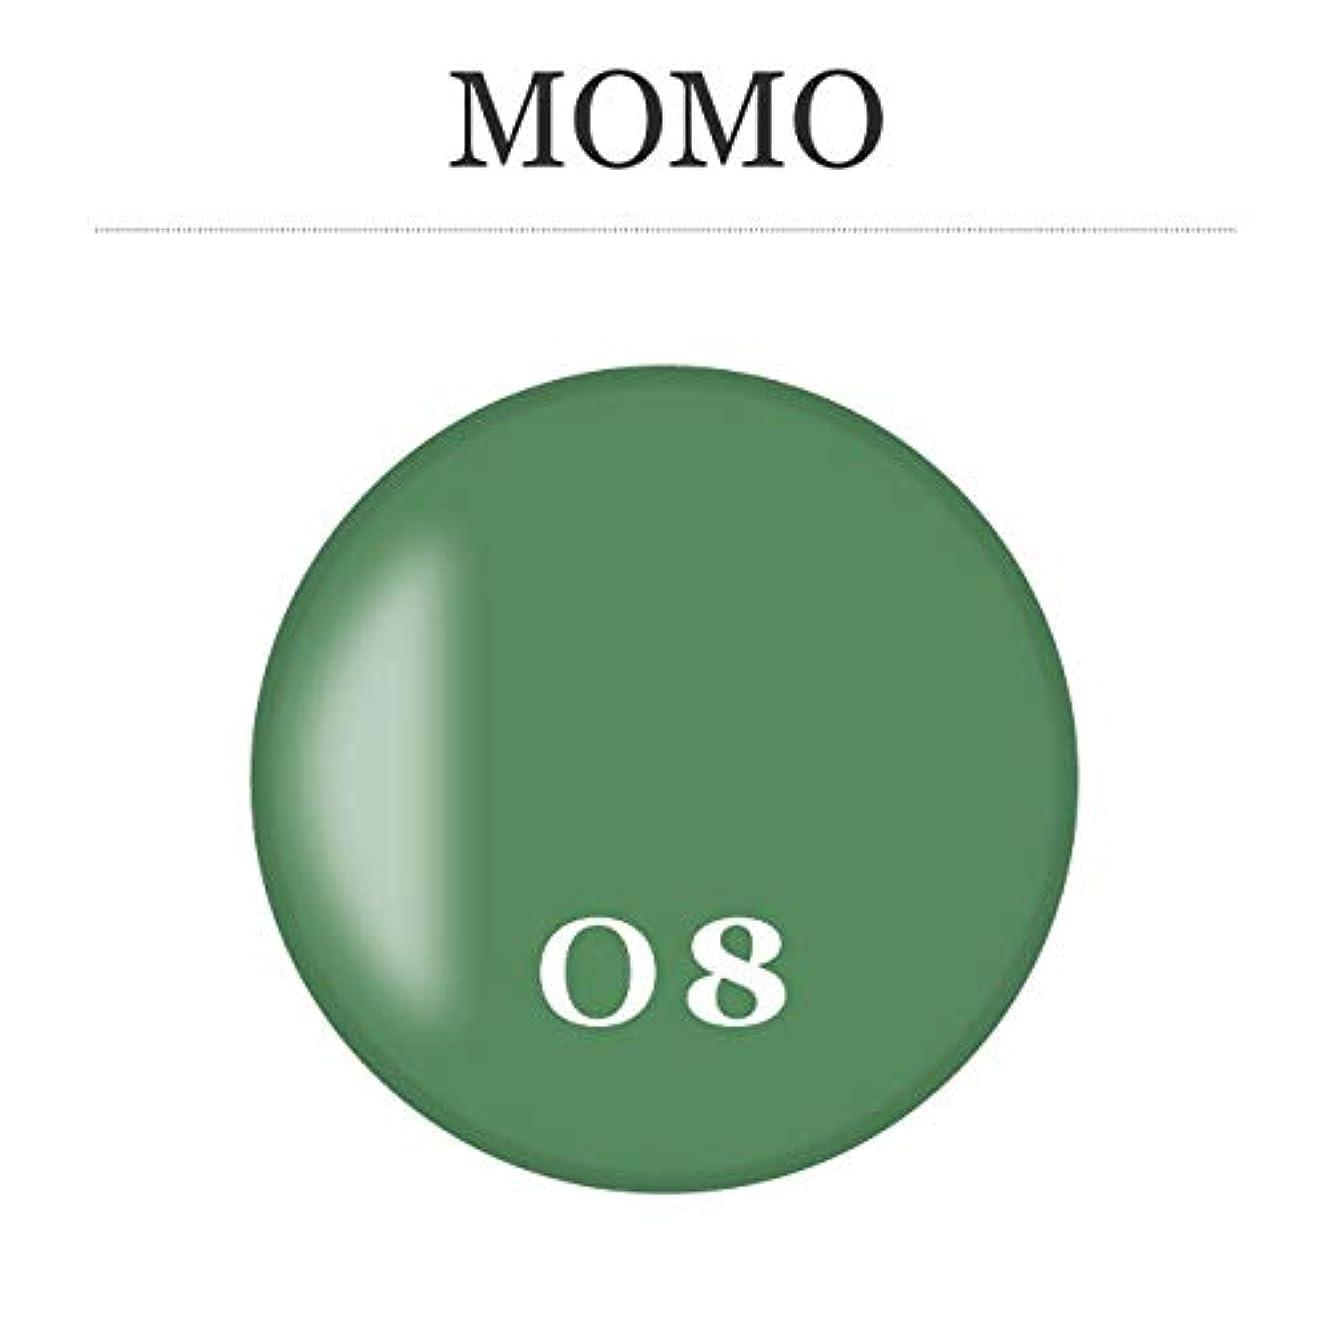 持参締め切り経済的カラージェル MOMO-08 by nail for all